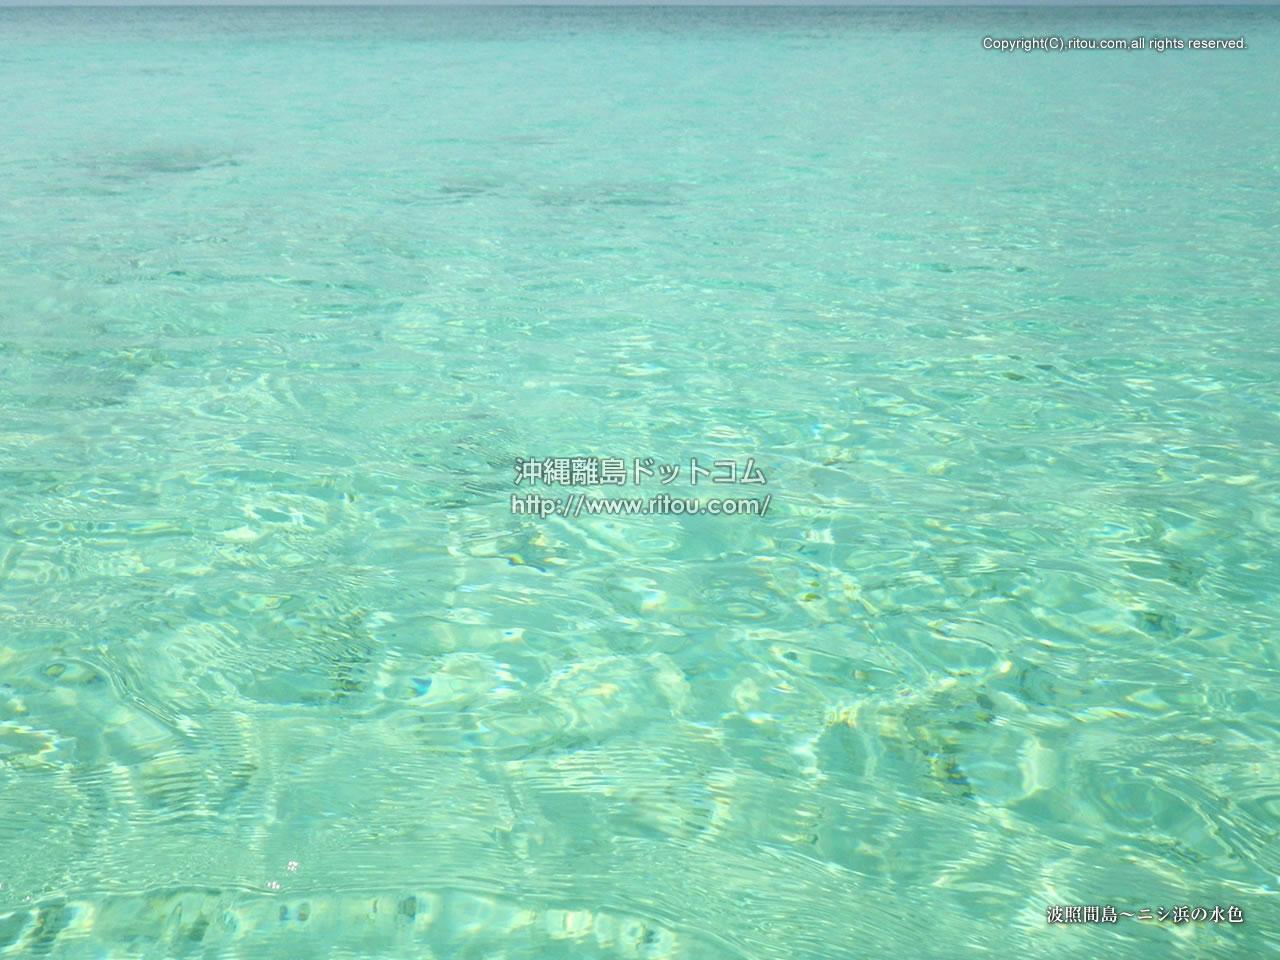 波照間島〜ニシ浜の水色